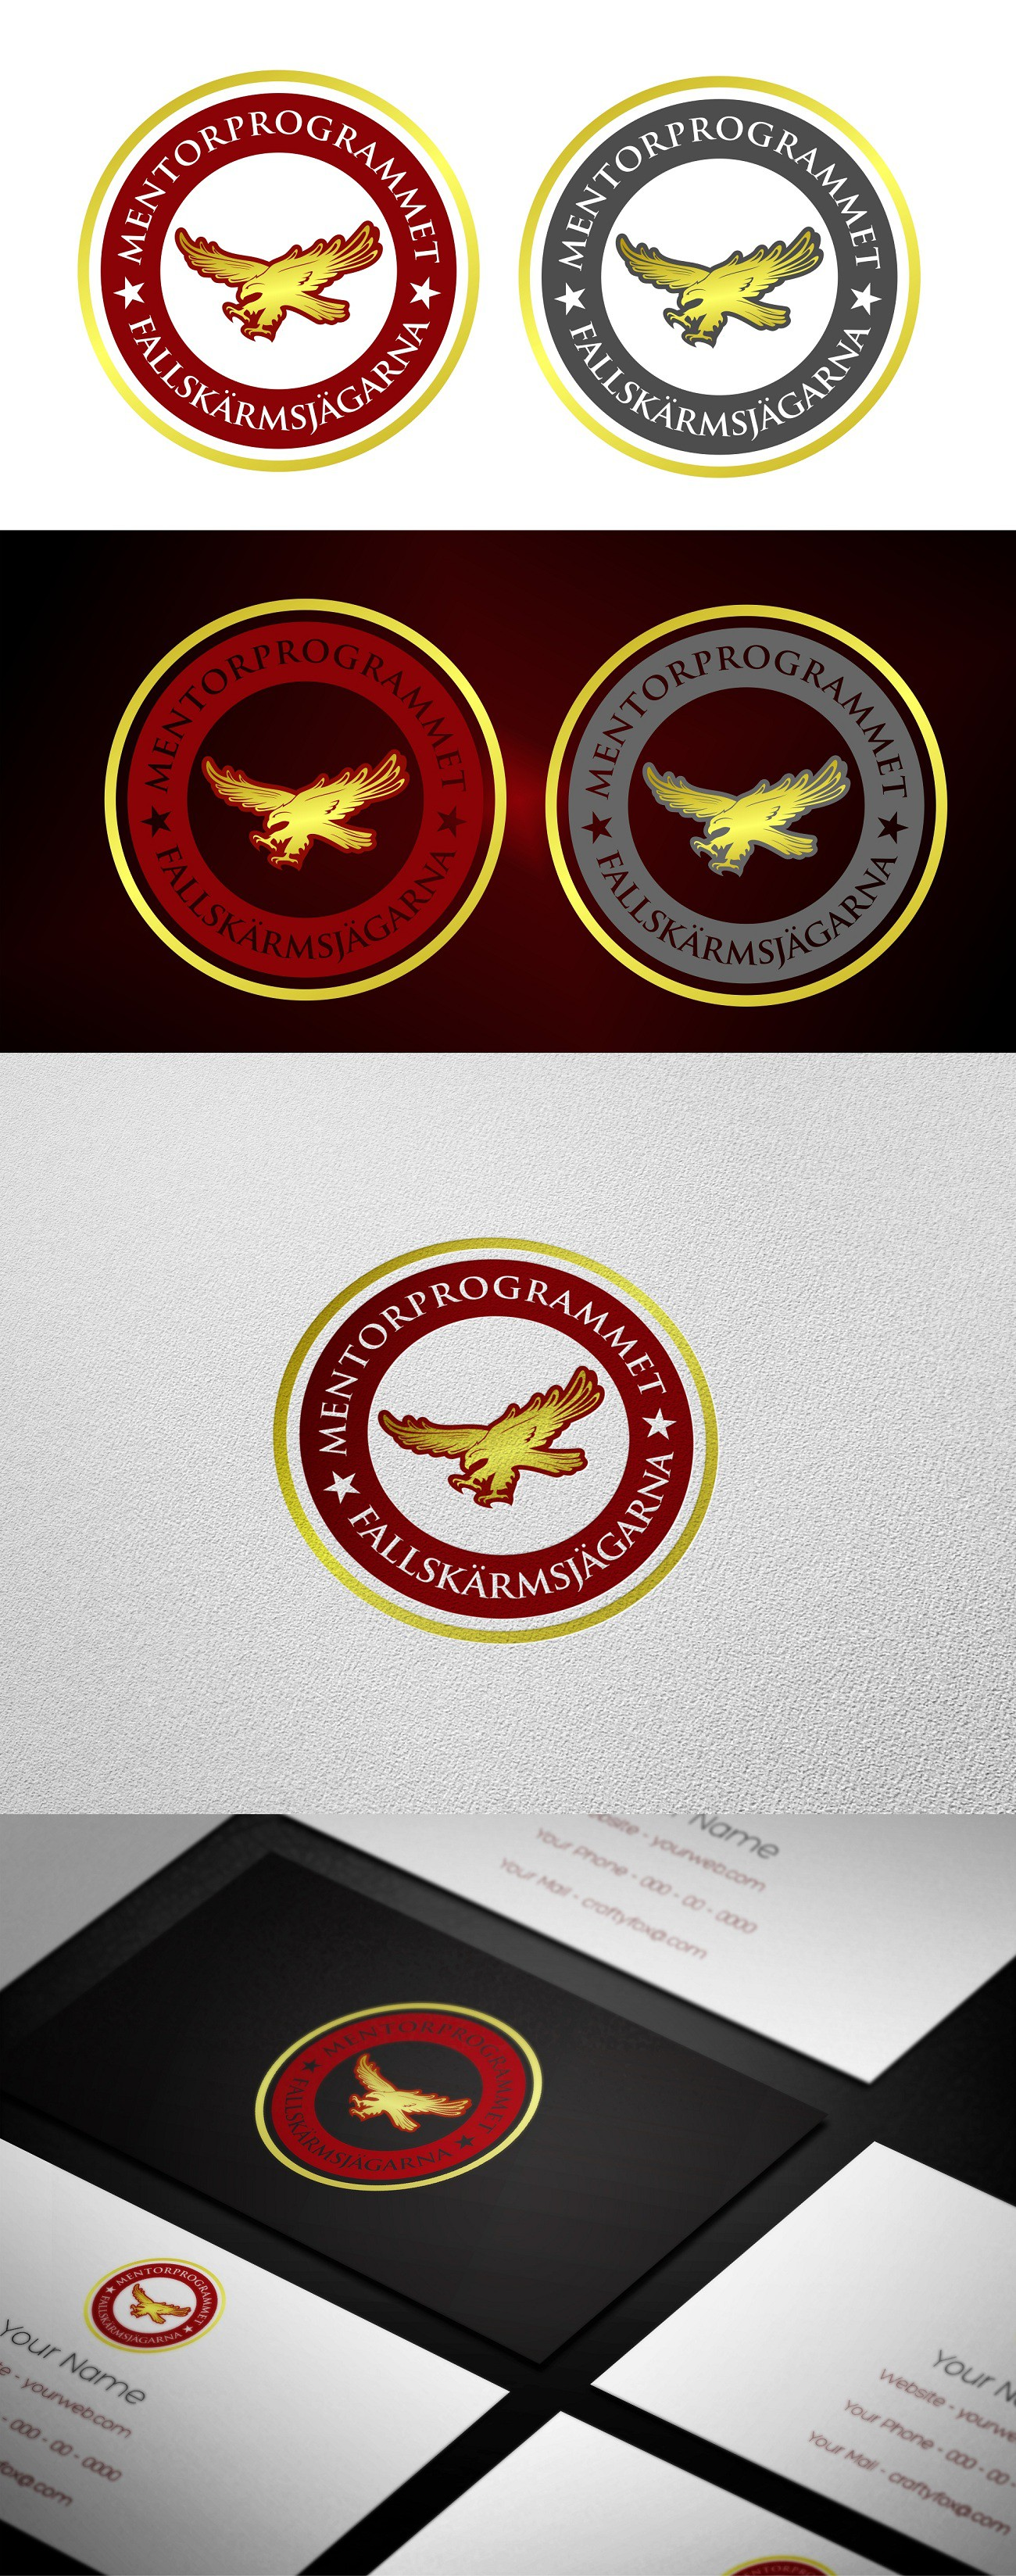 logo for Mentorprogrammet Fallskärmsjägarna